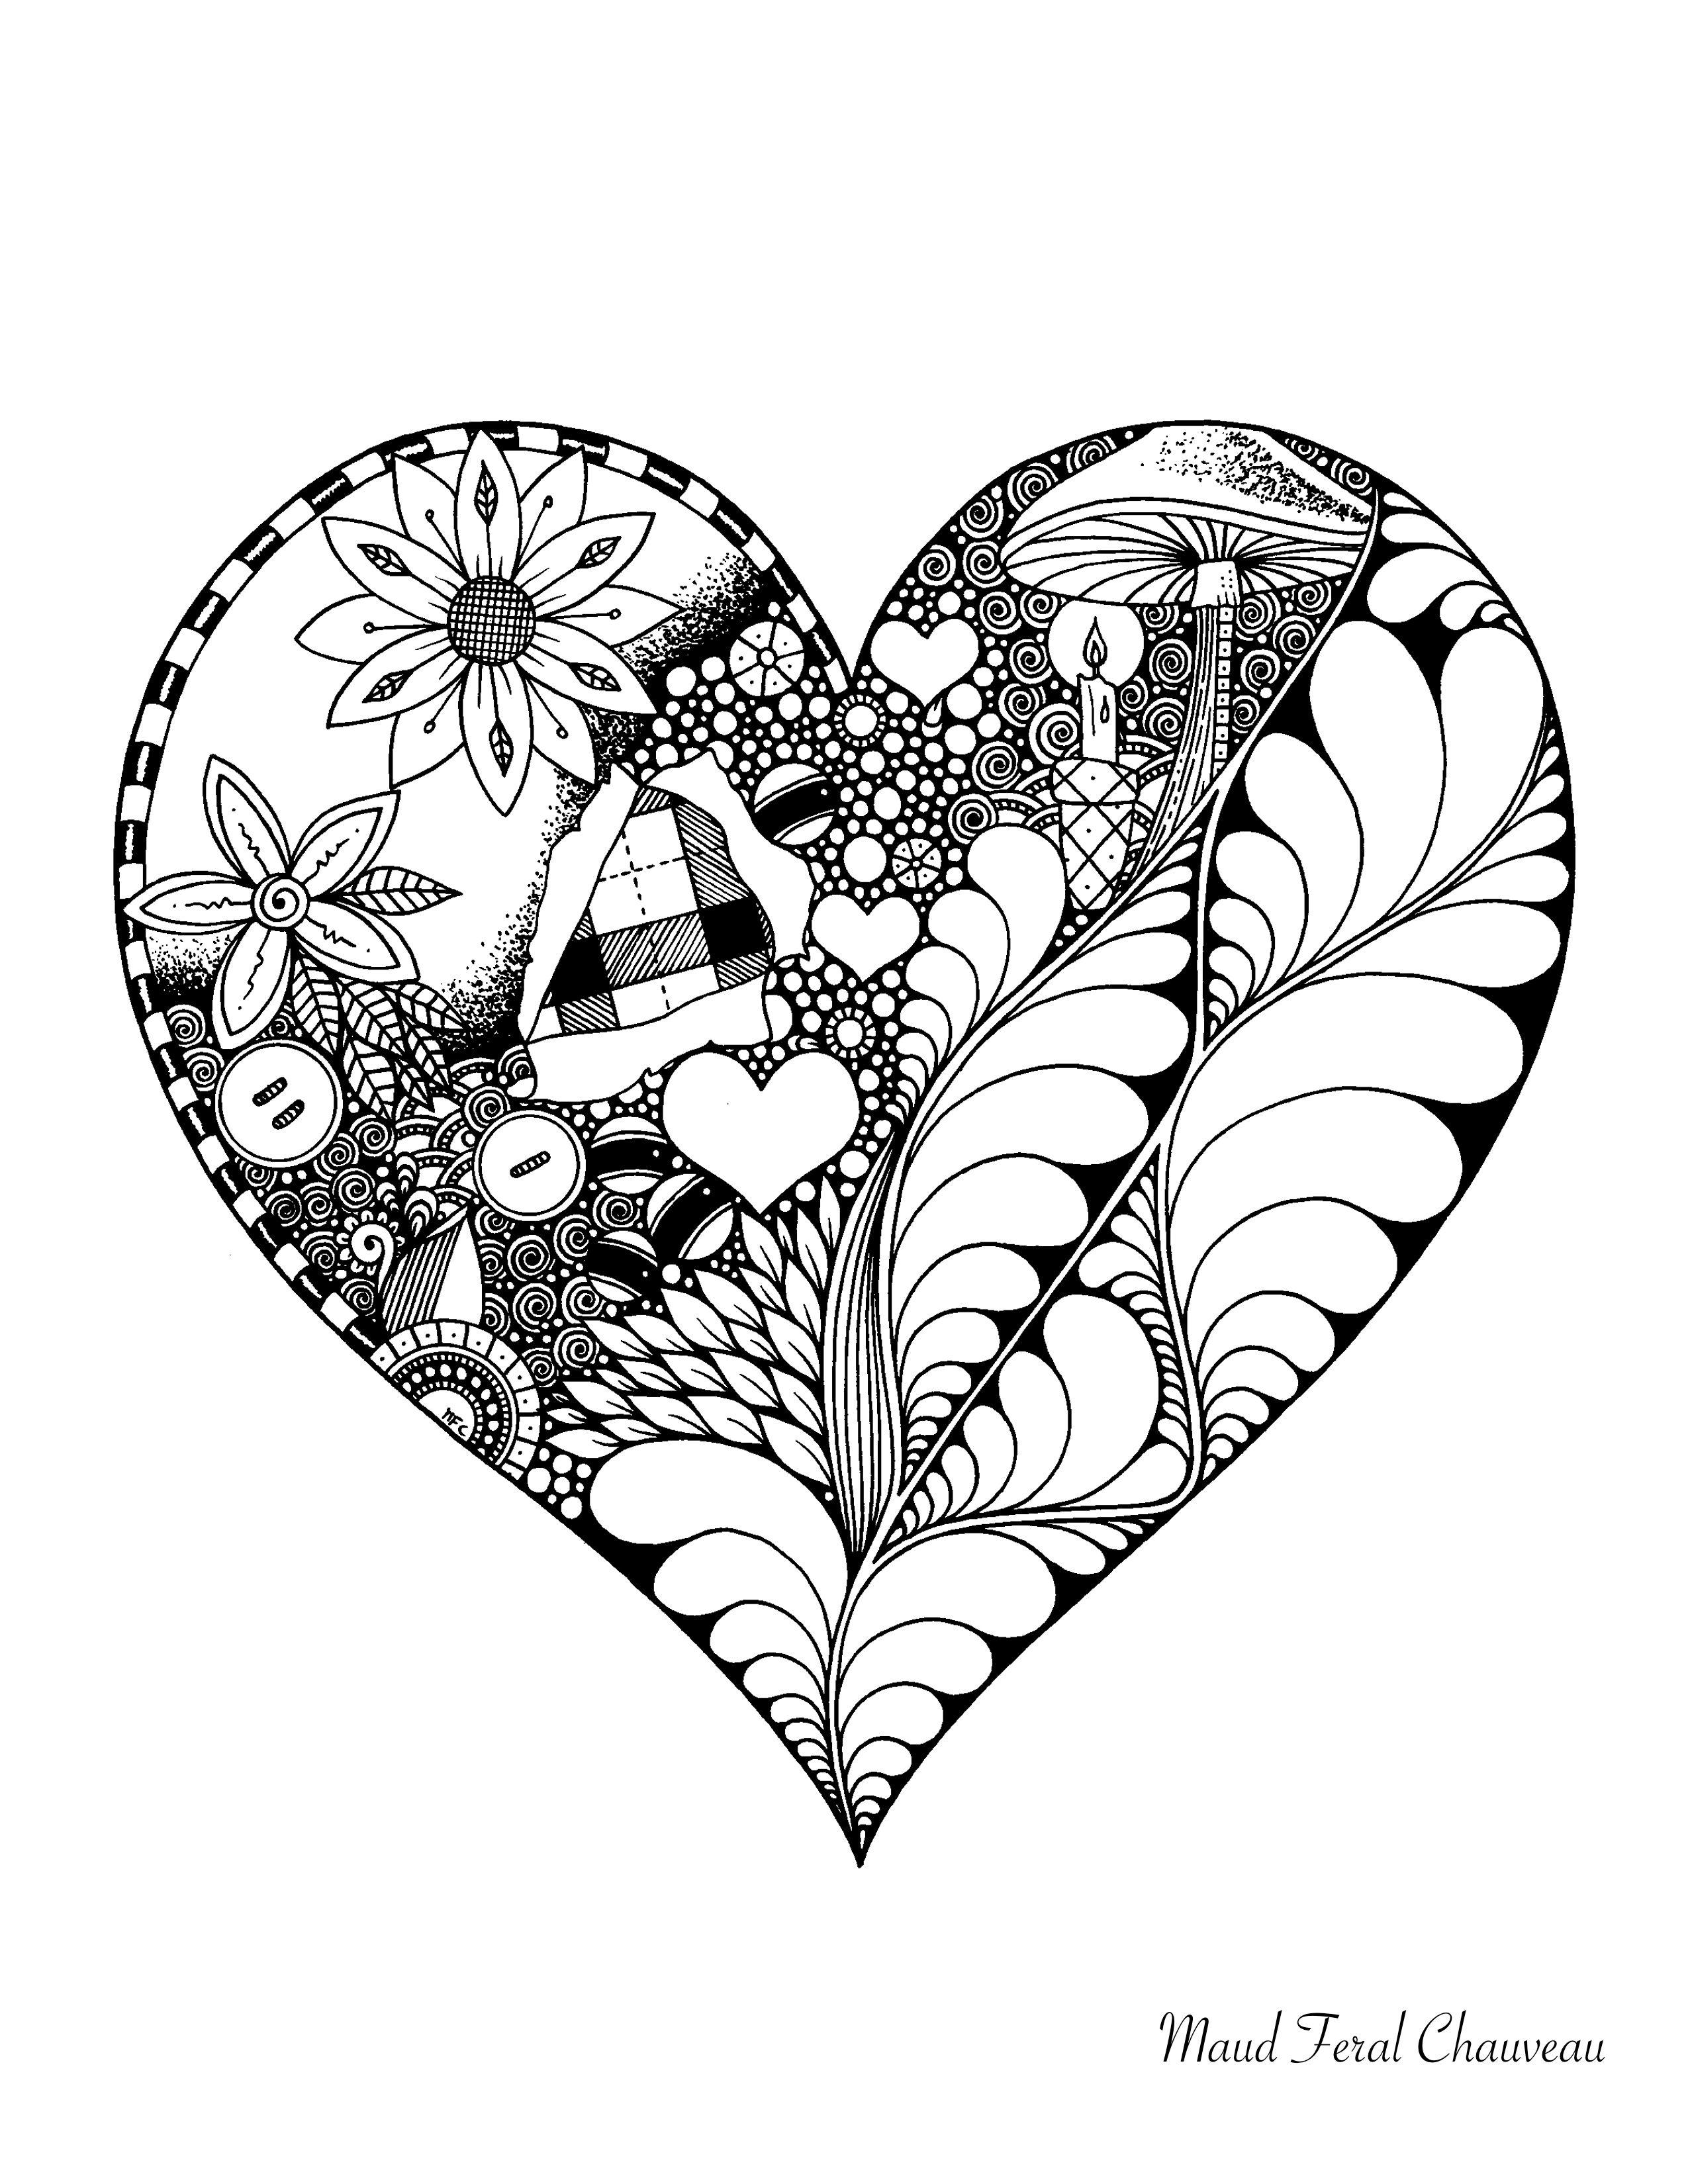 Coloriage doodle coeur st valentin par maud feral saint valentin colorier et valentine - Coeur coloriage ...